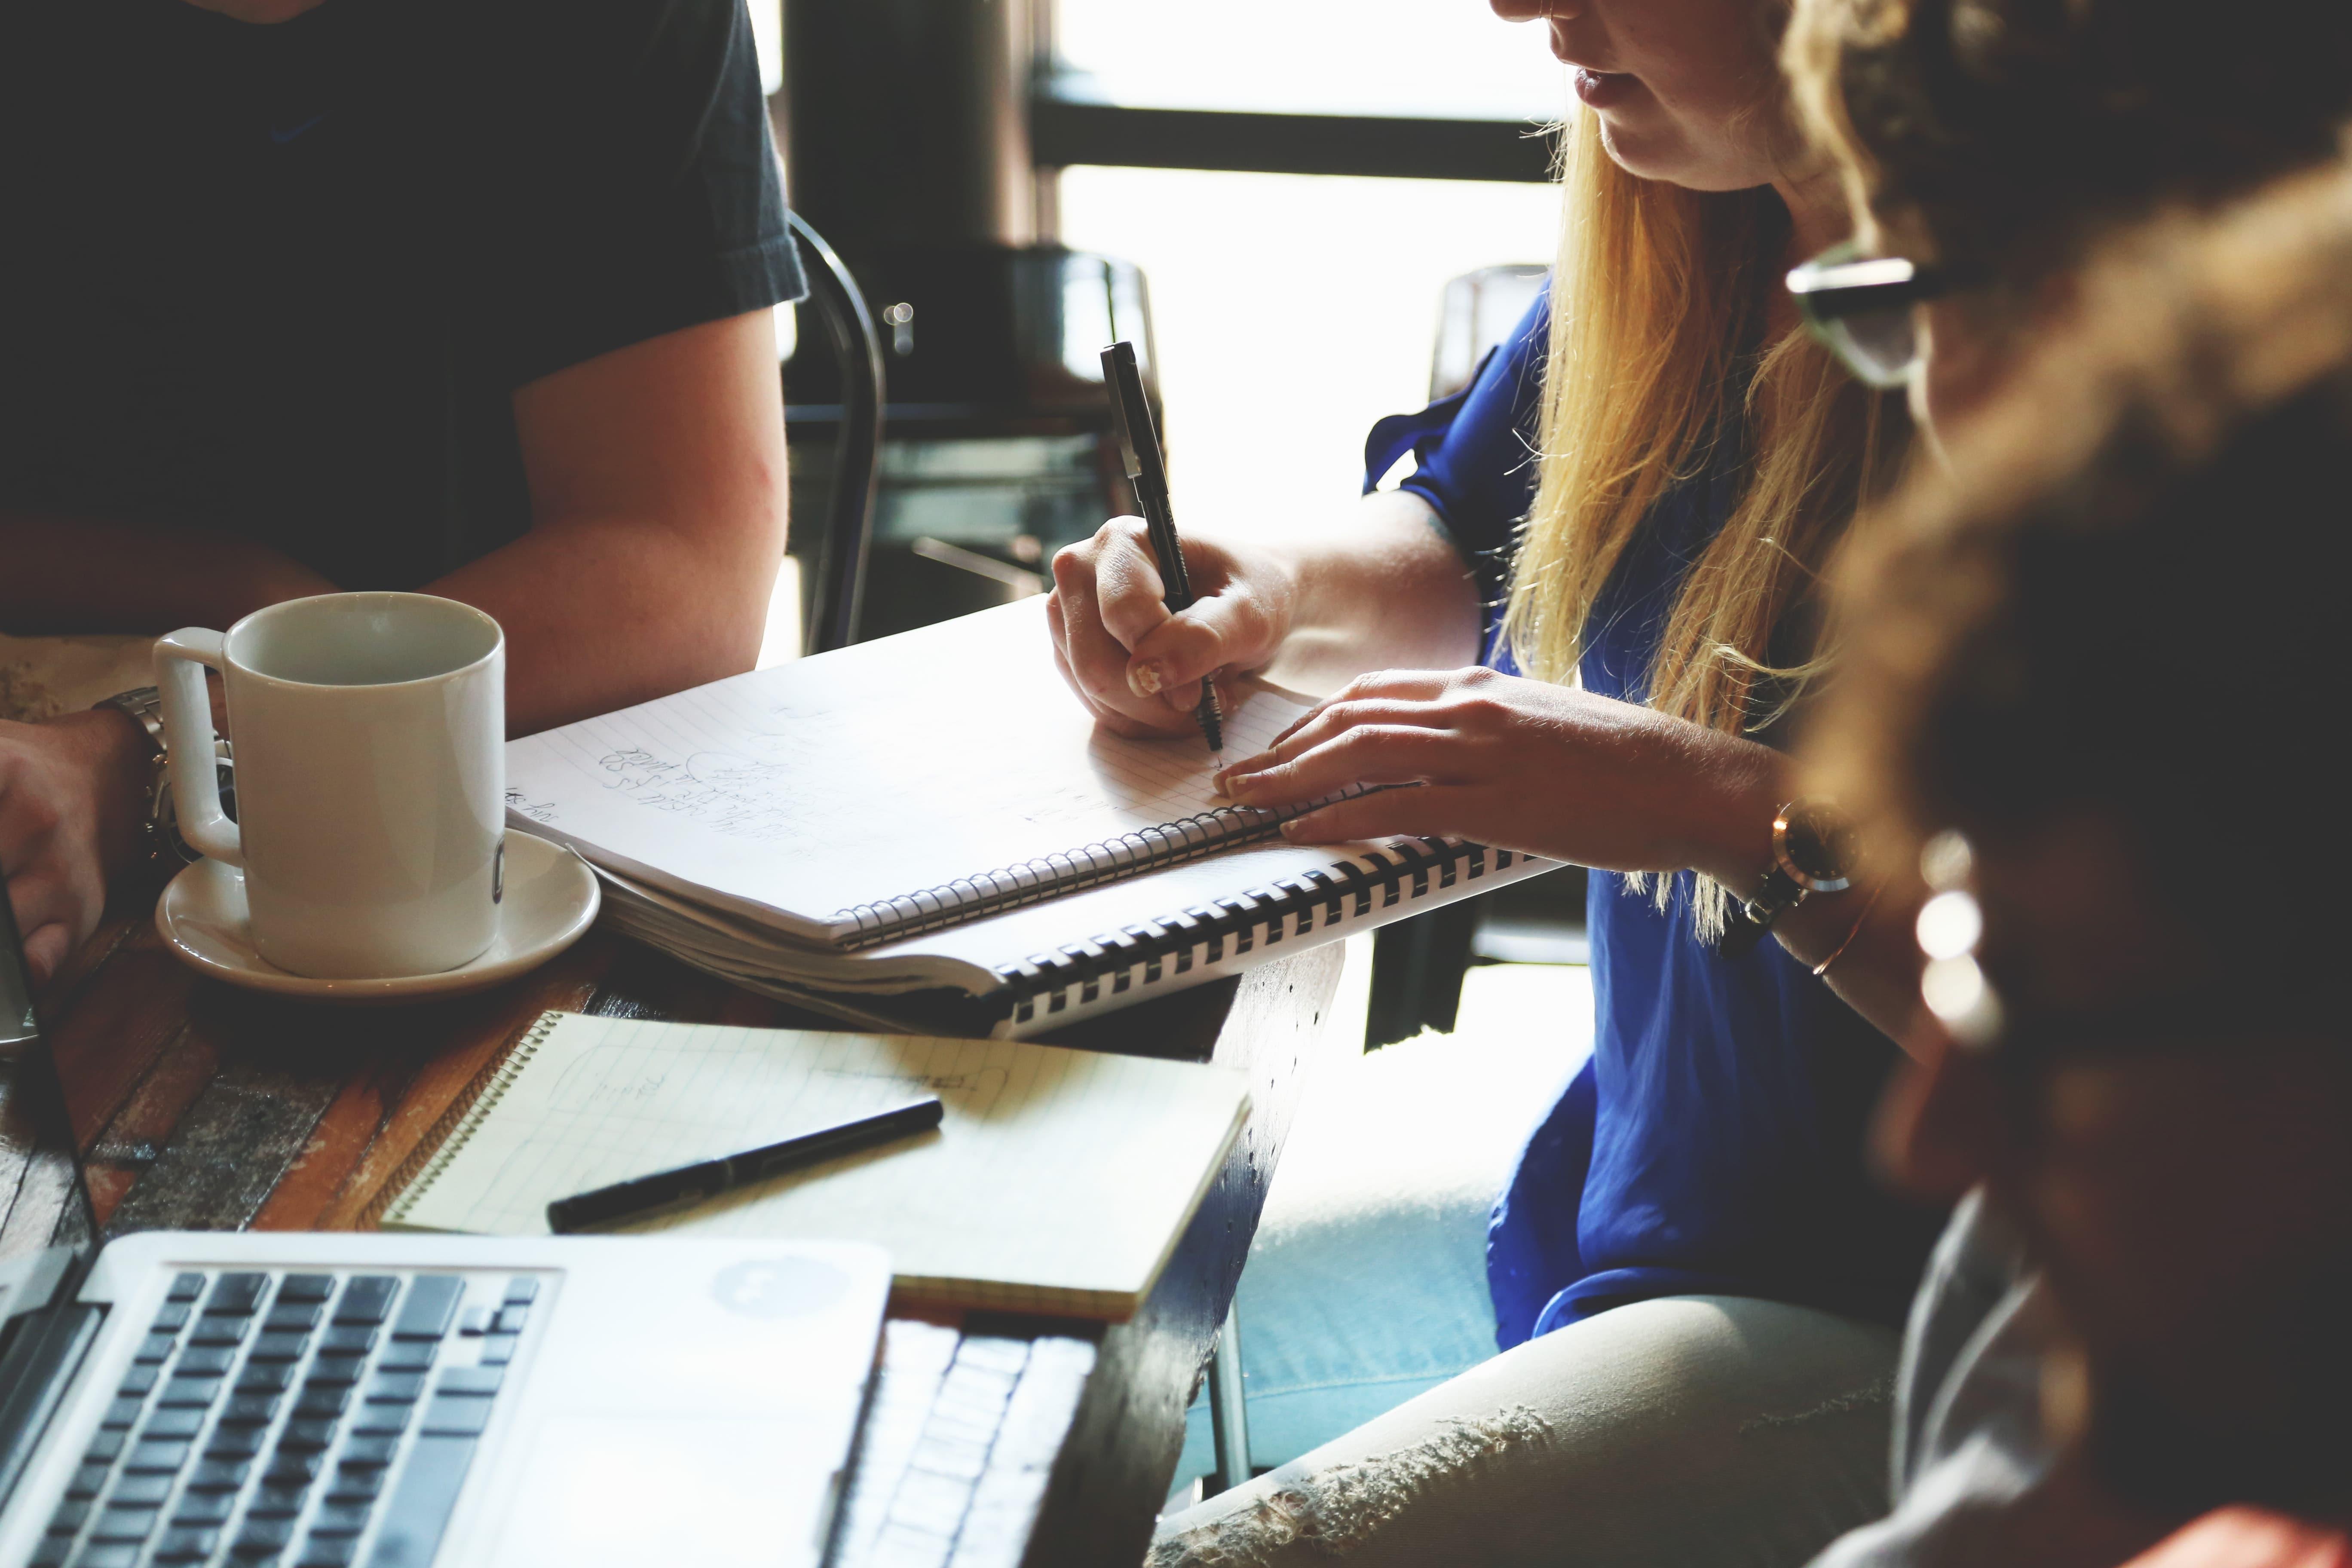 junge Menschen arbeiten zusammen am Tisch